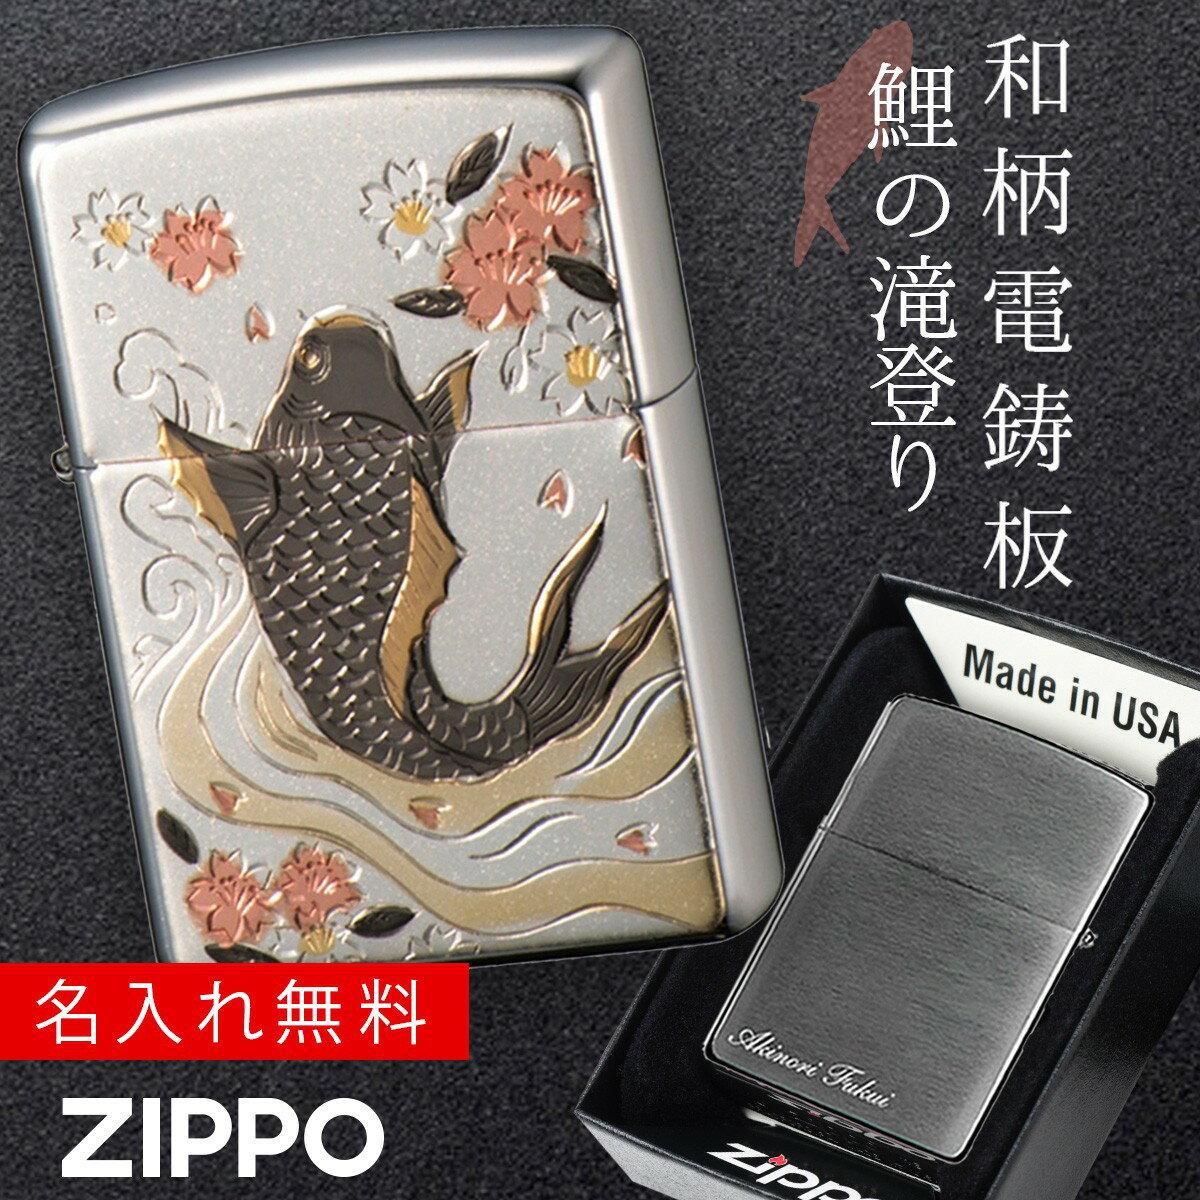 zippo 名入れ ジッポー ライター ZP 電鋳板 鯉 名入れ ギフト オイルライター ジッポライター 彼氏 男性 メンズ クリスマス ギフト プレゼント 贈り物 喫煙具